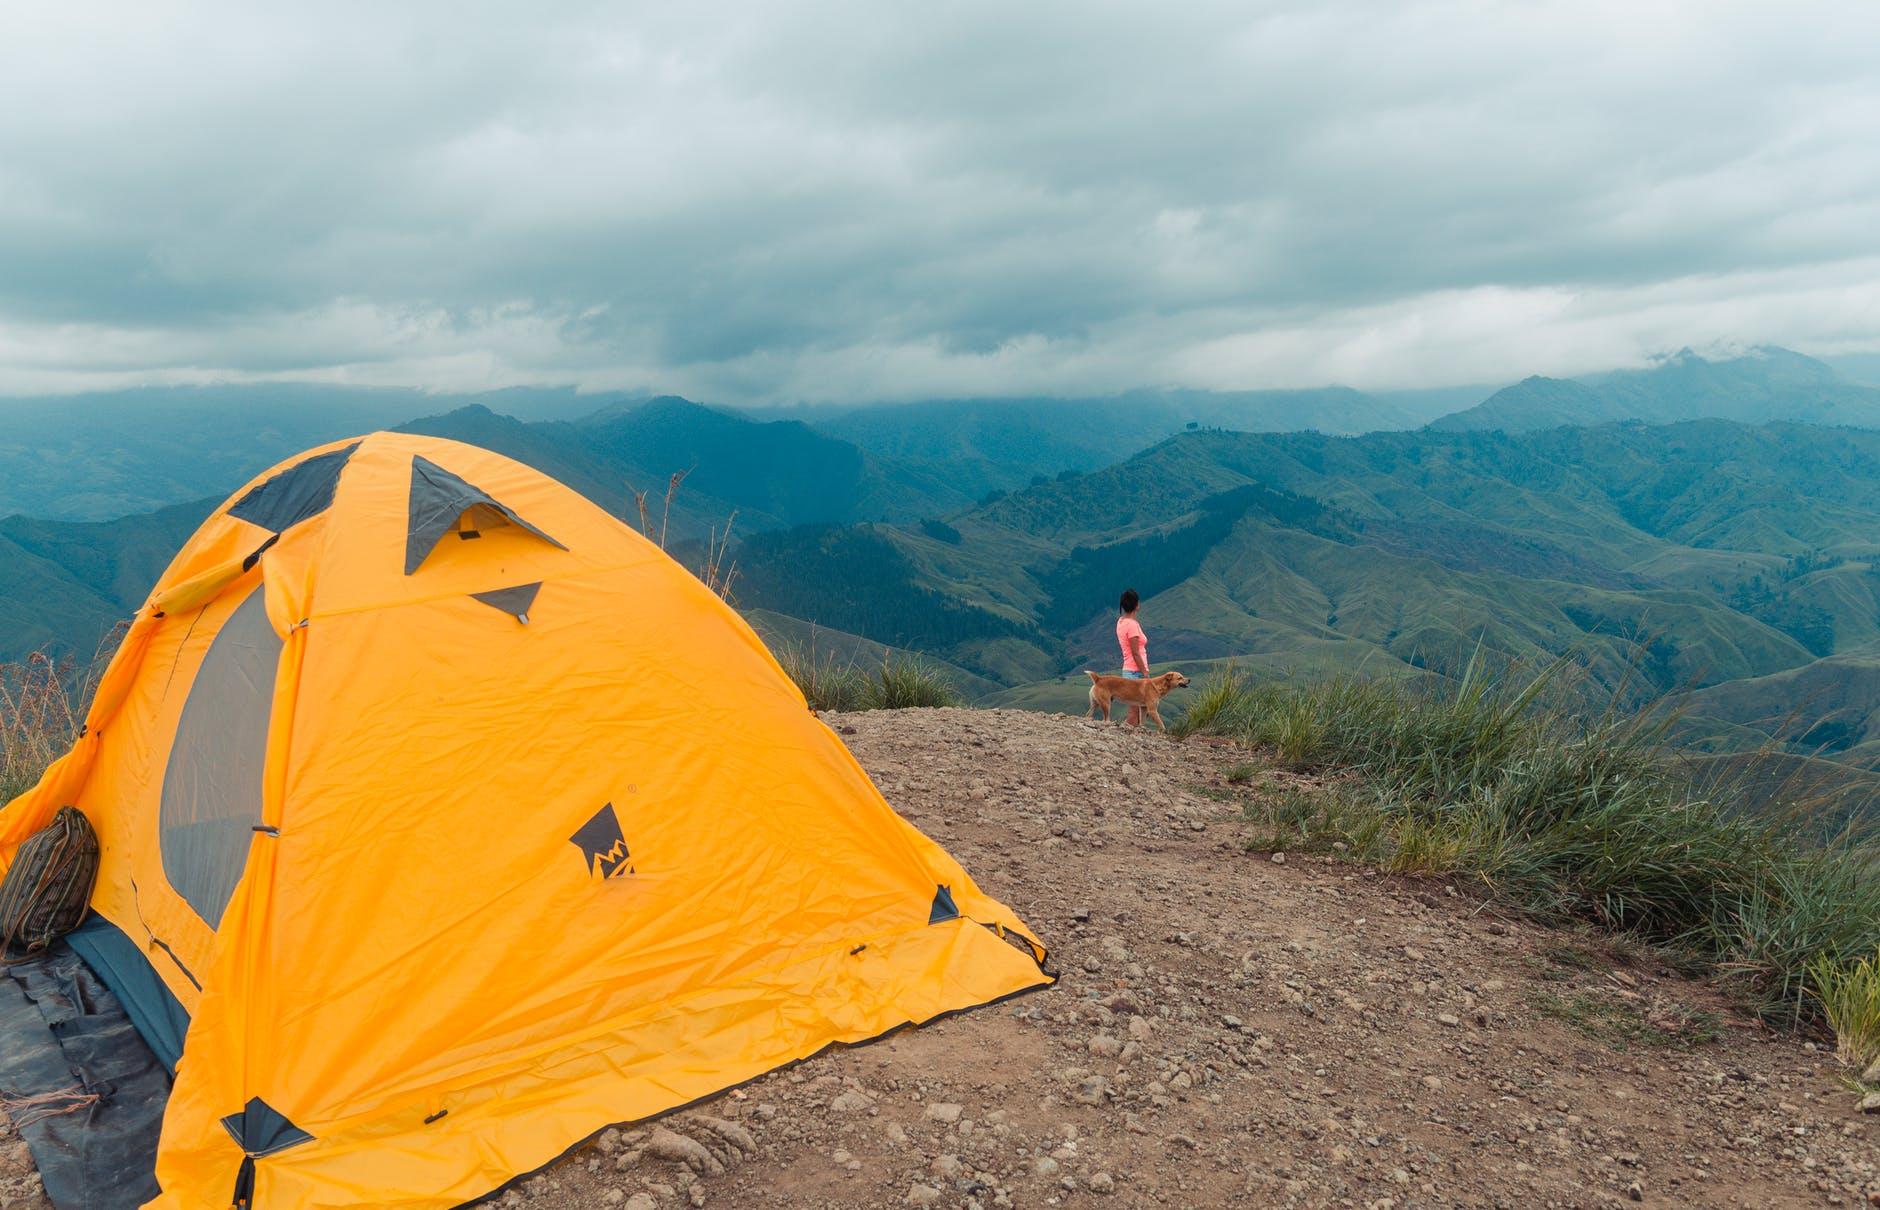 De quoi avez-vous besoin pour faire du camping avec des animaux?